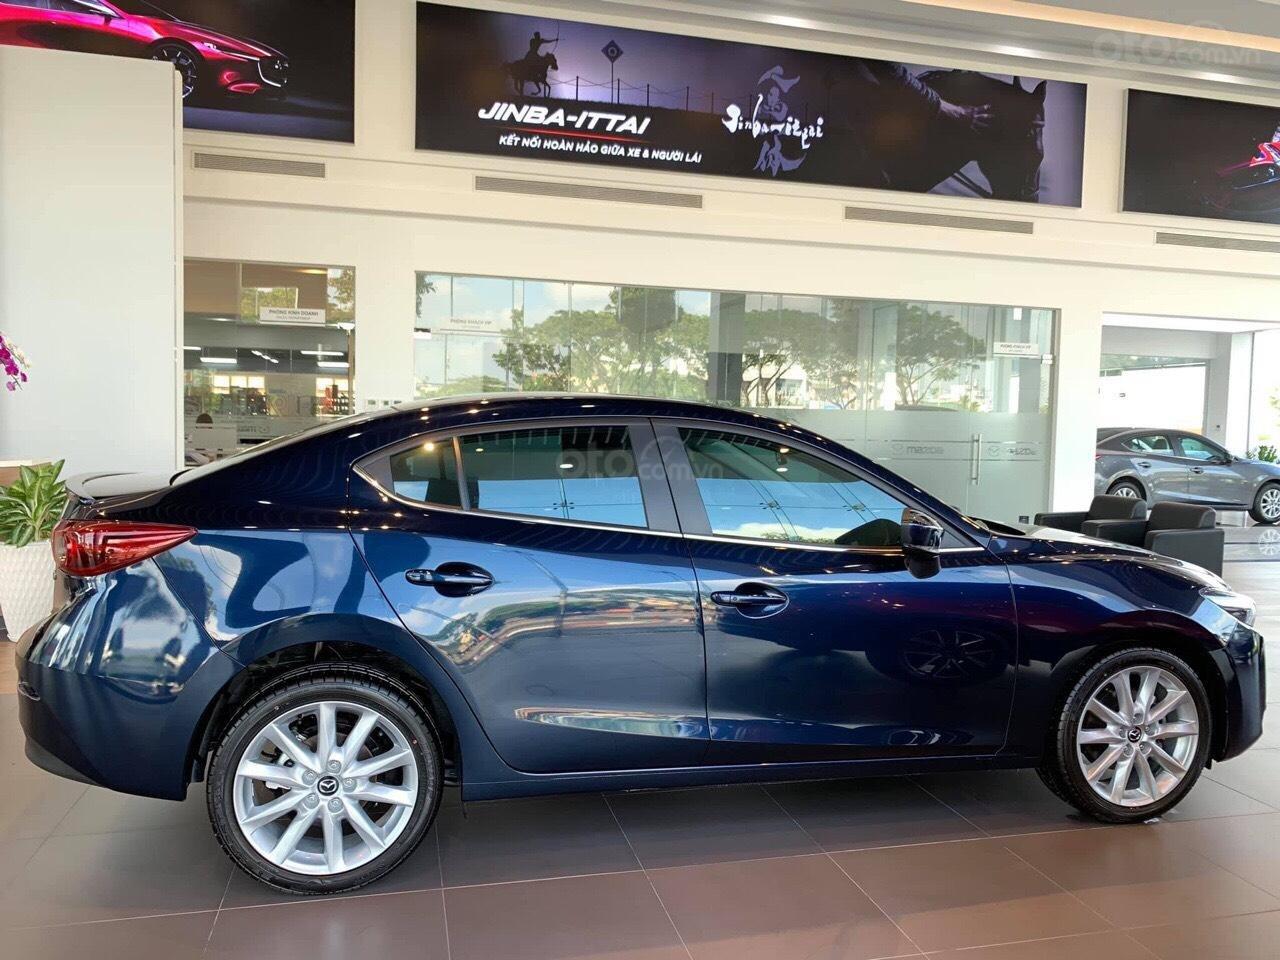 Bán xe Mazda 3 xanh đen 2019 - Tặng gói bảo dưỡng miễn phí - Hỗ trợ trả góp 80% (3)